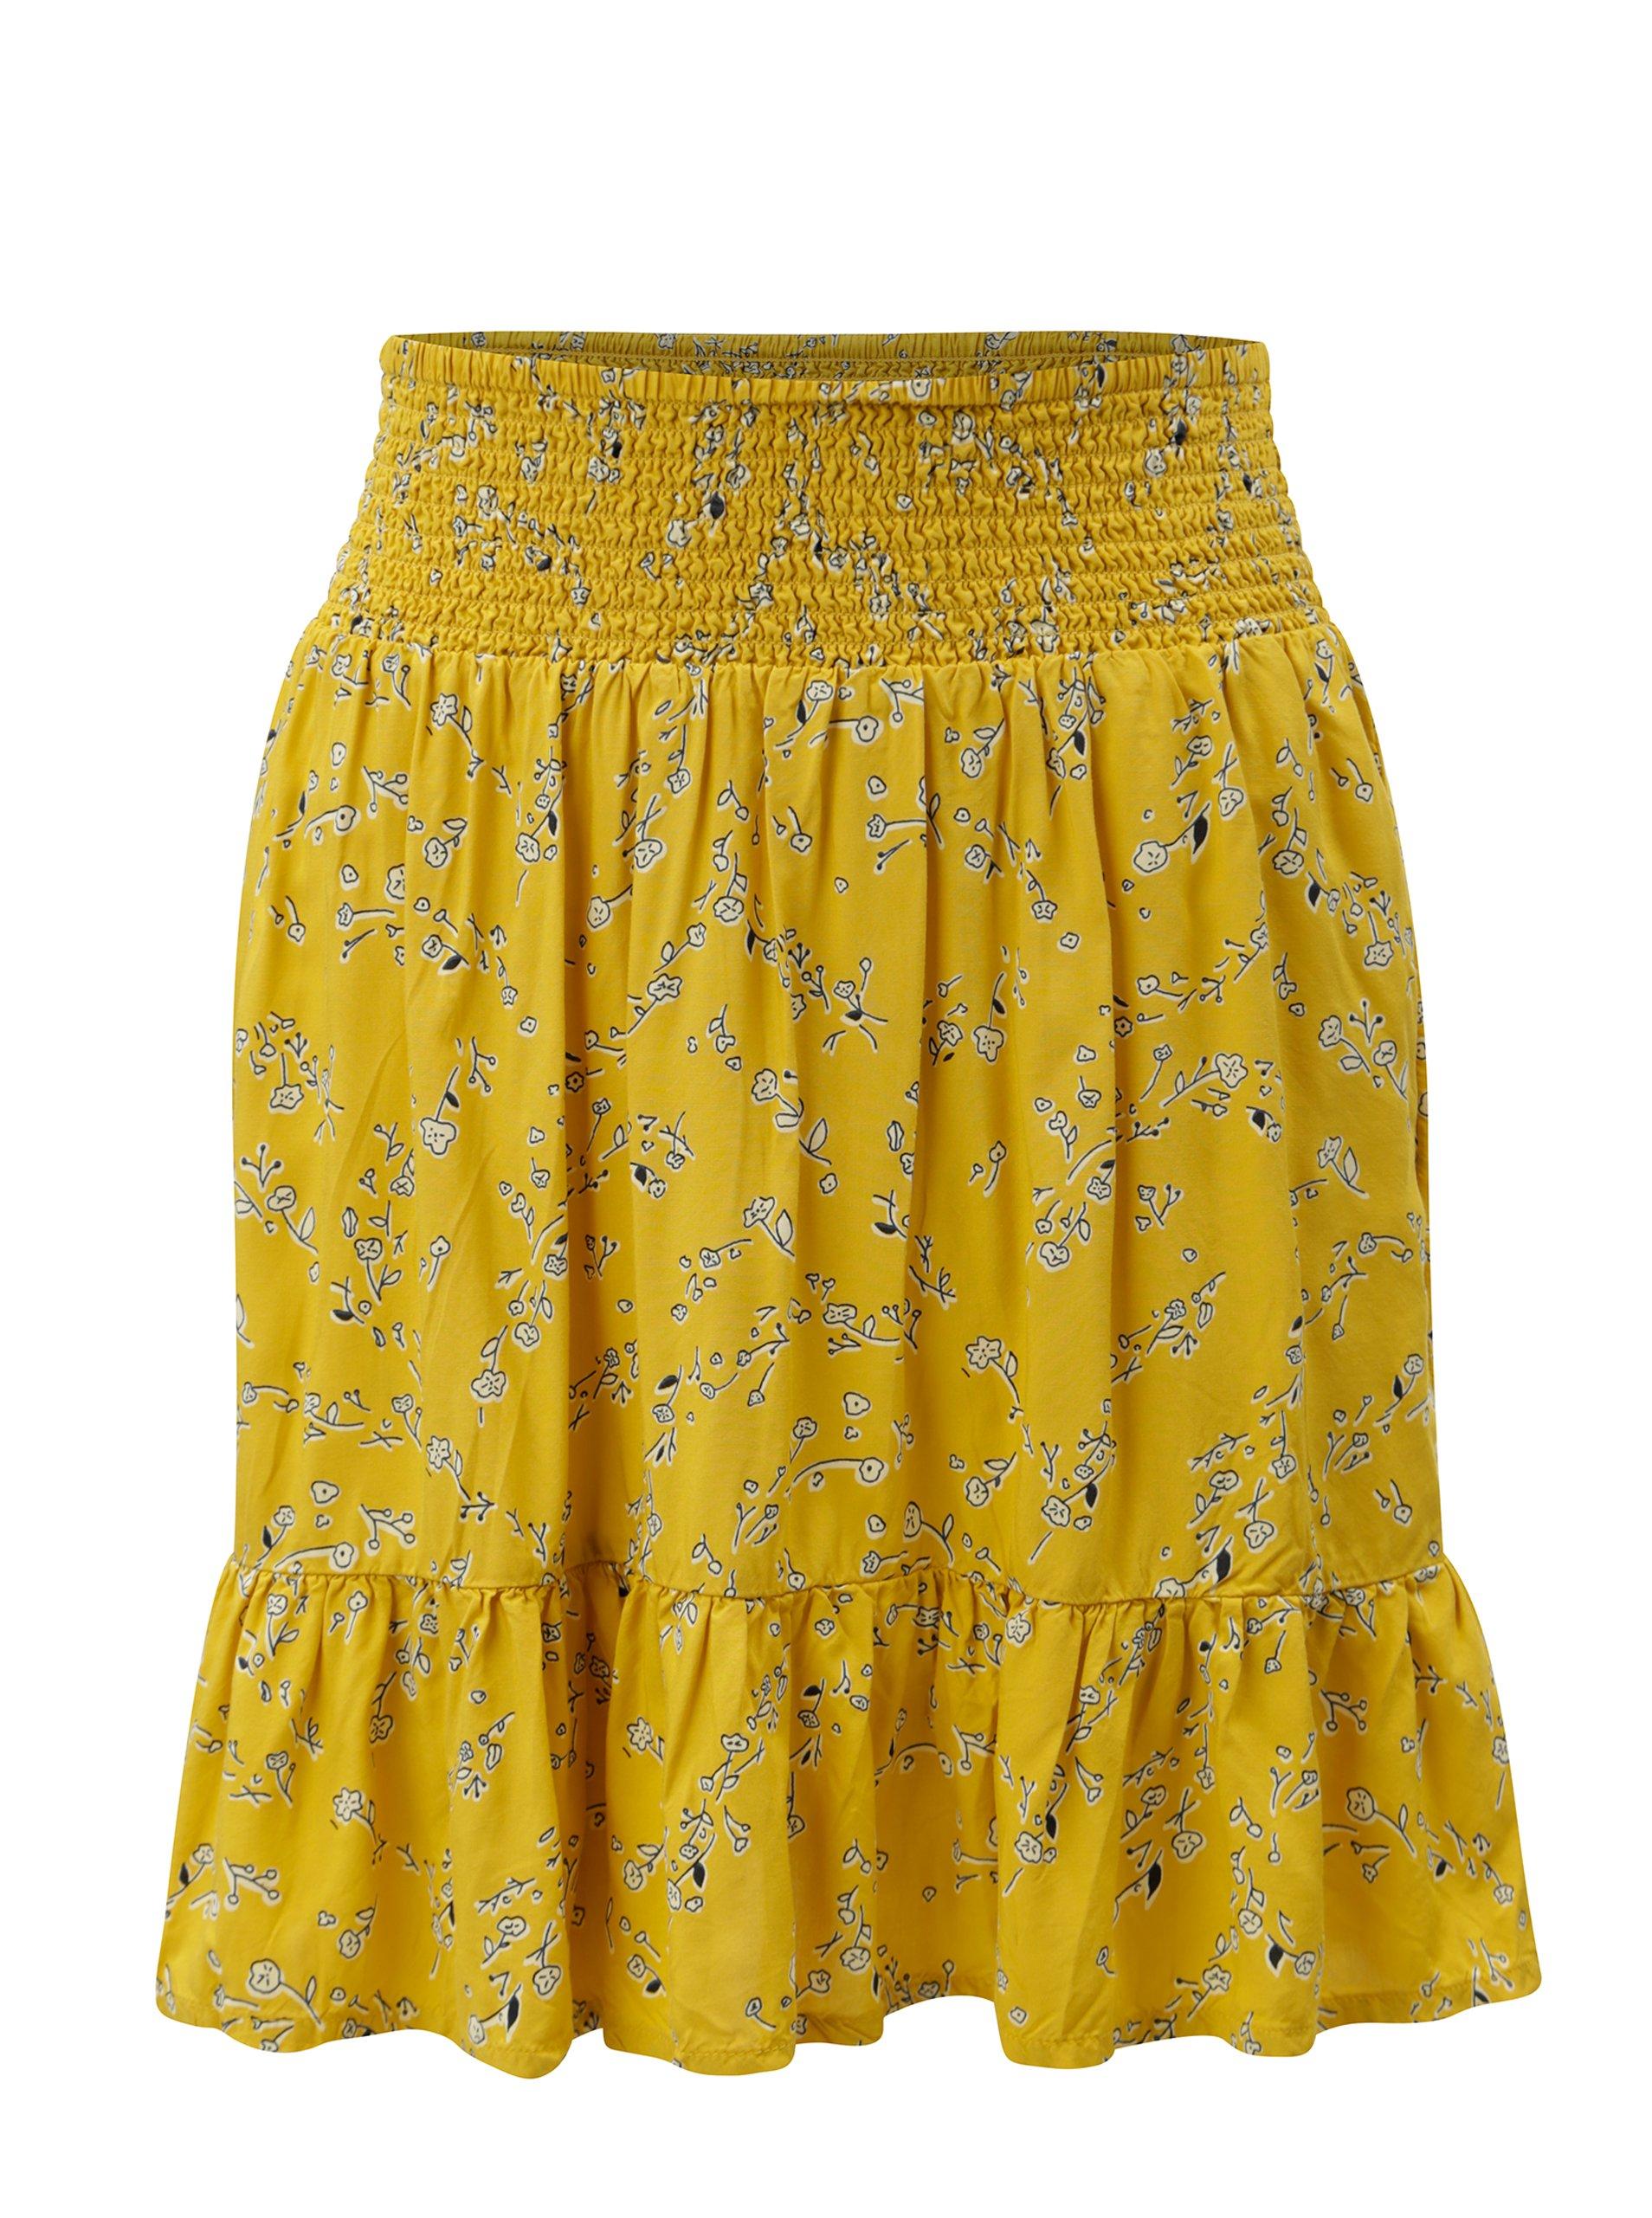 Hořčicová vzorovaná sukně Blendshe Yellow